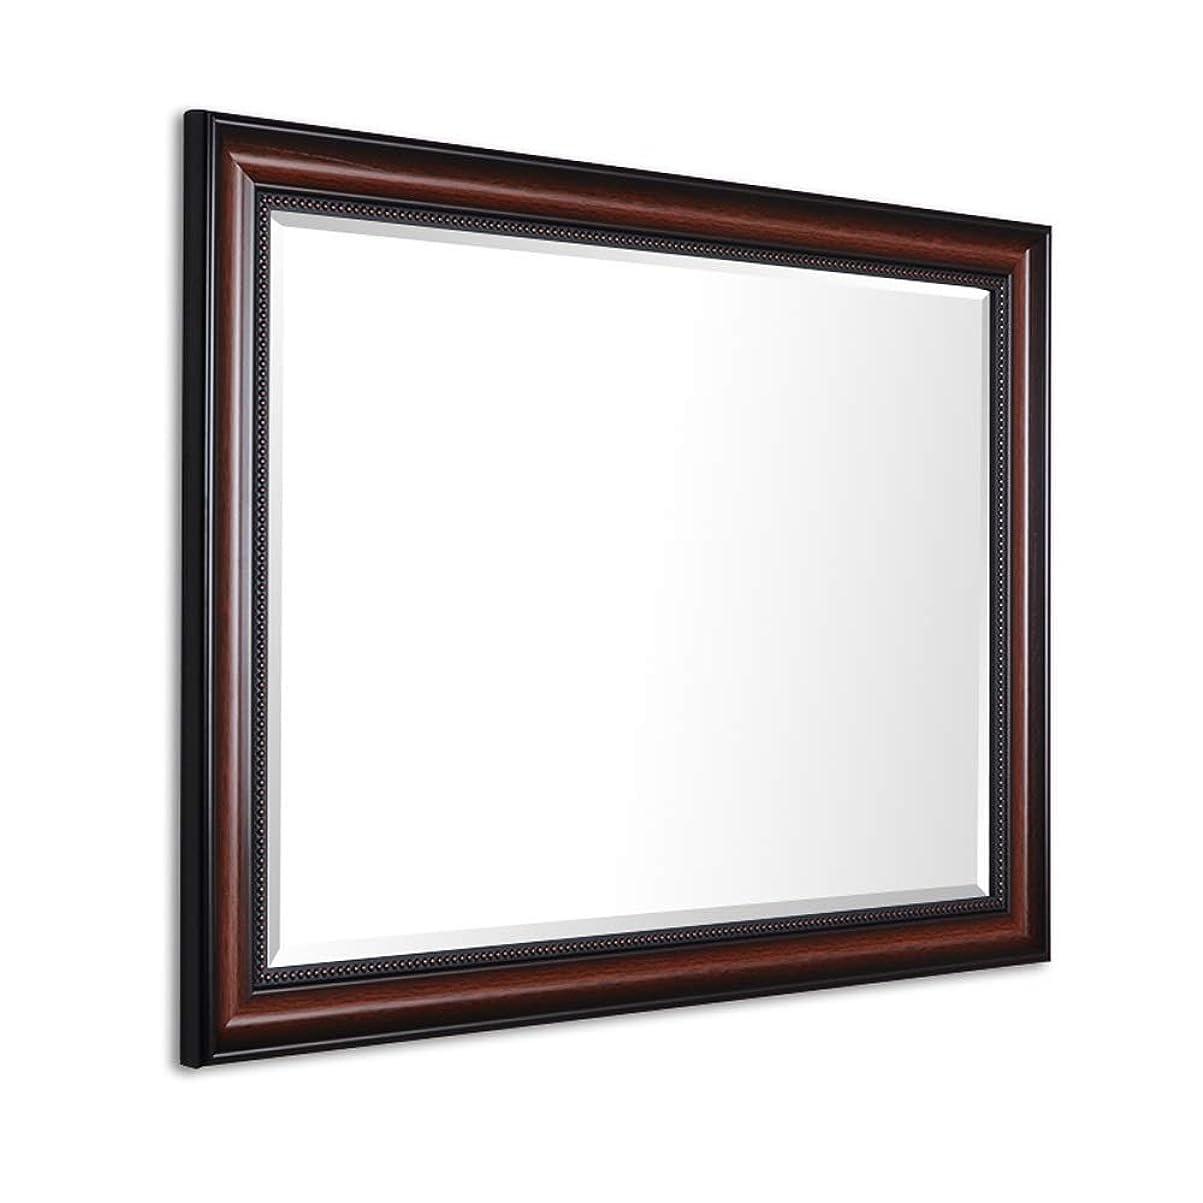 プラスチック表向き者茶色の中国風のバスルームミラー バスルームミラー壁掛けベッドルームフレーム付きバスルームミラーシルバーミラー5MM厚さ50 / 60x70 / 80cm(サイズ:50x70cm)